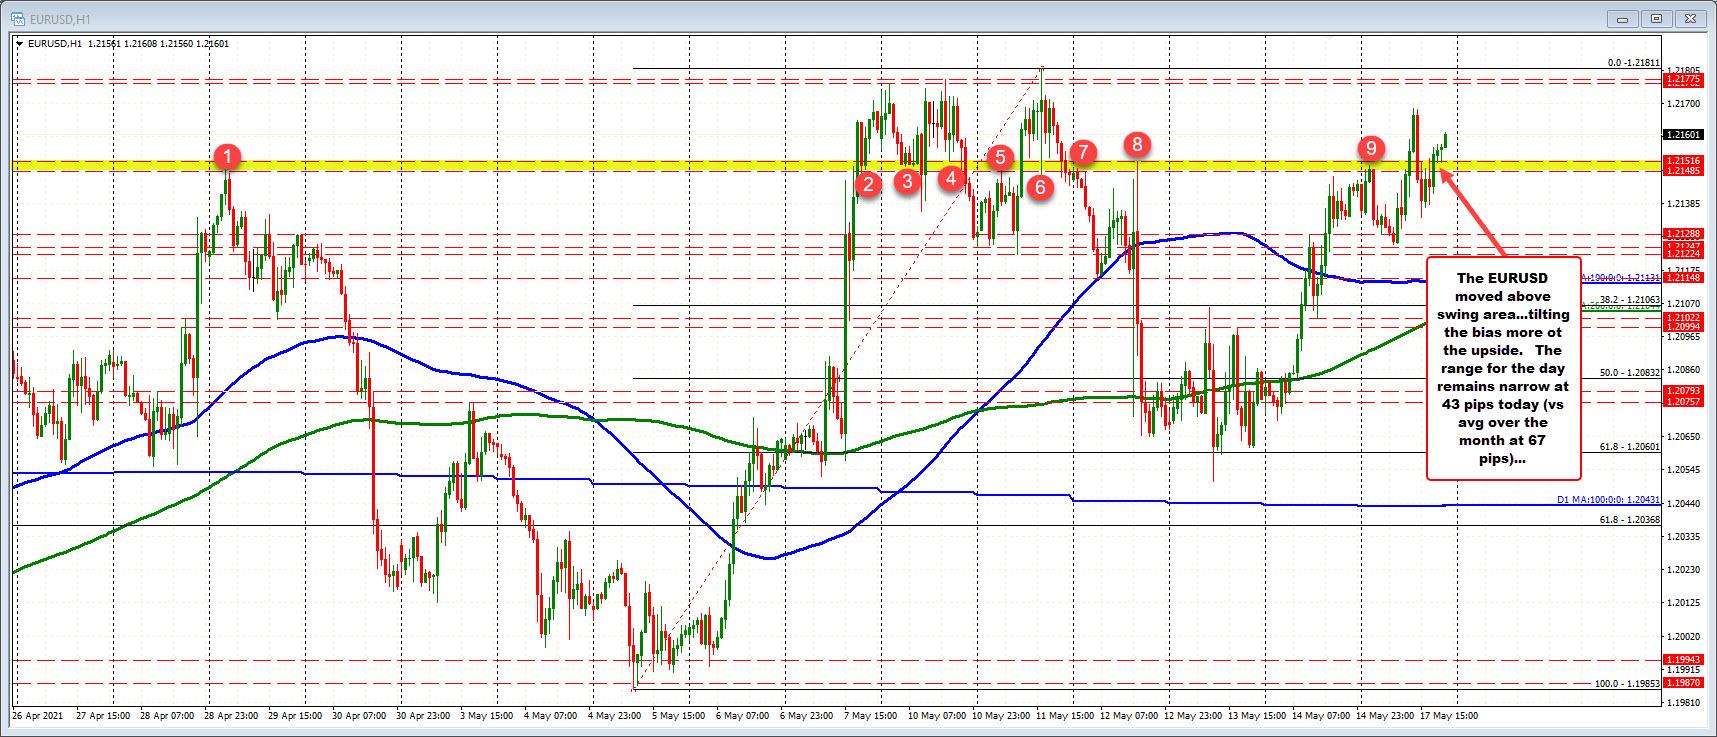 EURUSD trades to a new NY session high